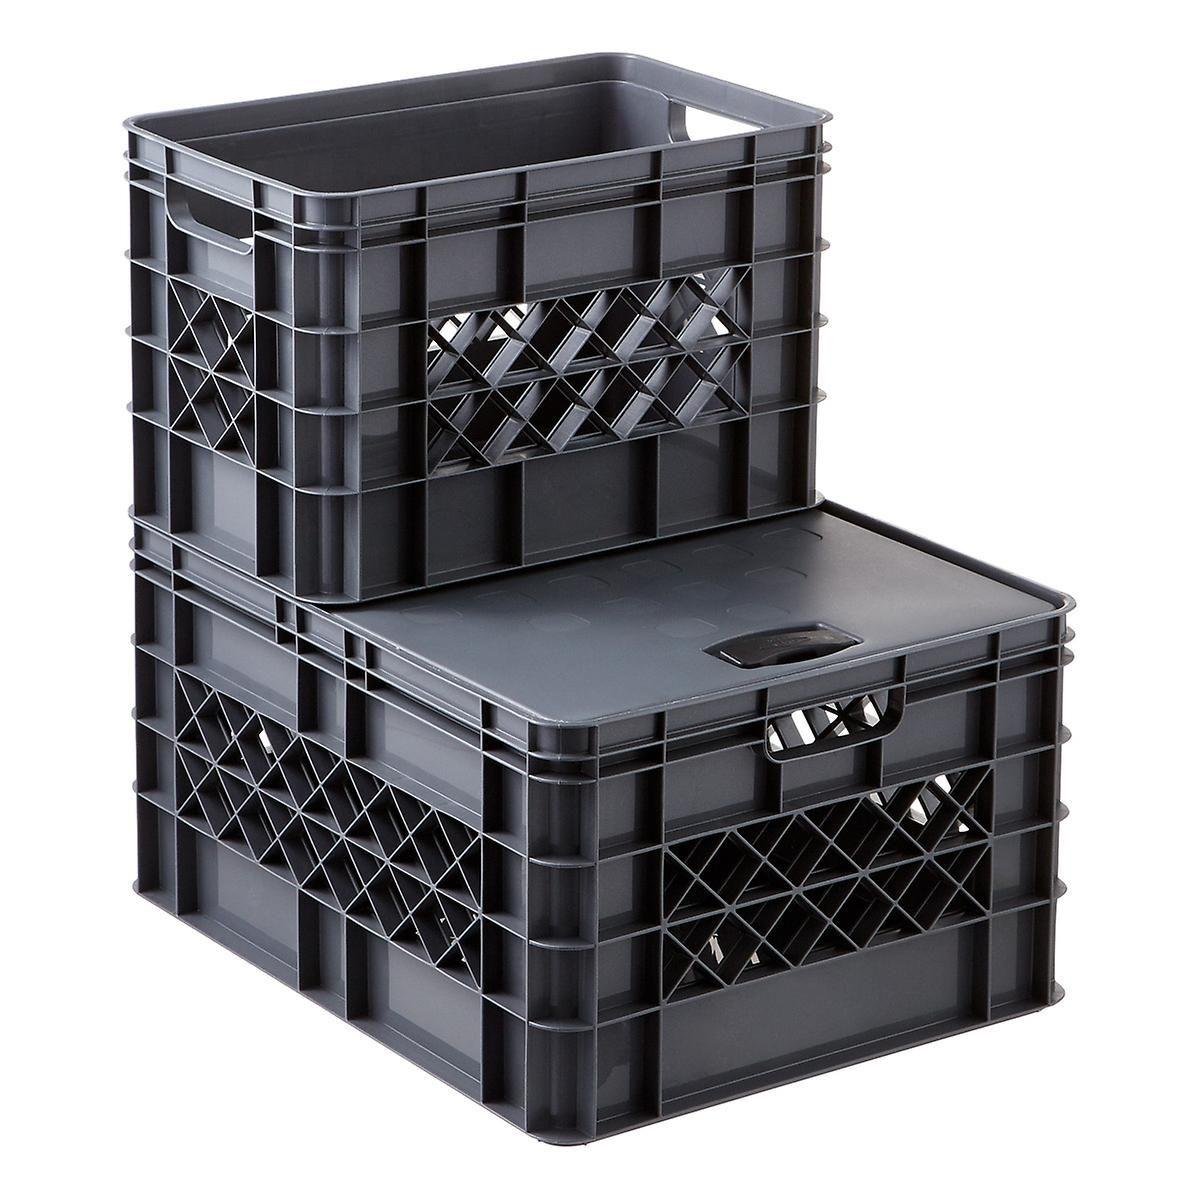 Grey Modular Stackable Crates Milk Crate Storage Crates Stackable Plastic Storage Bins